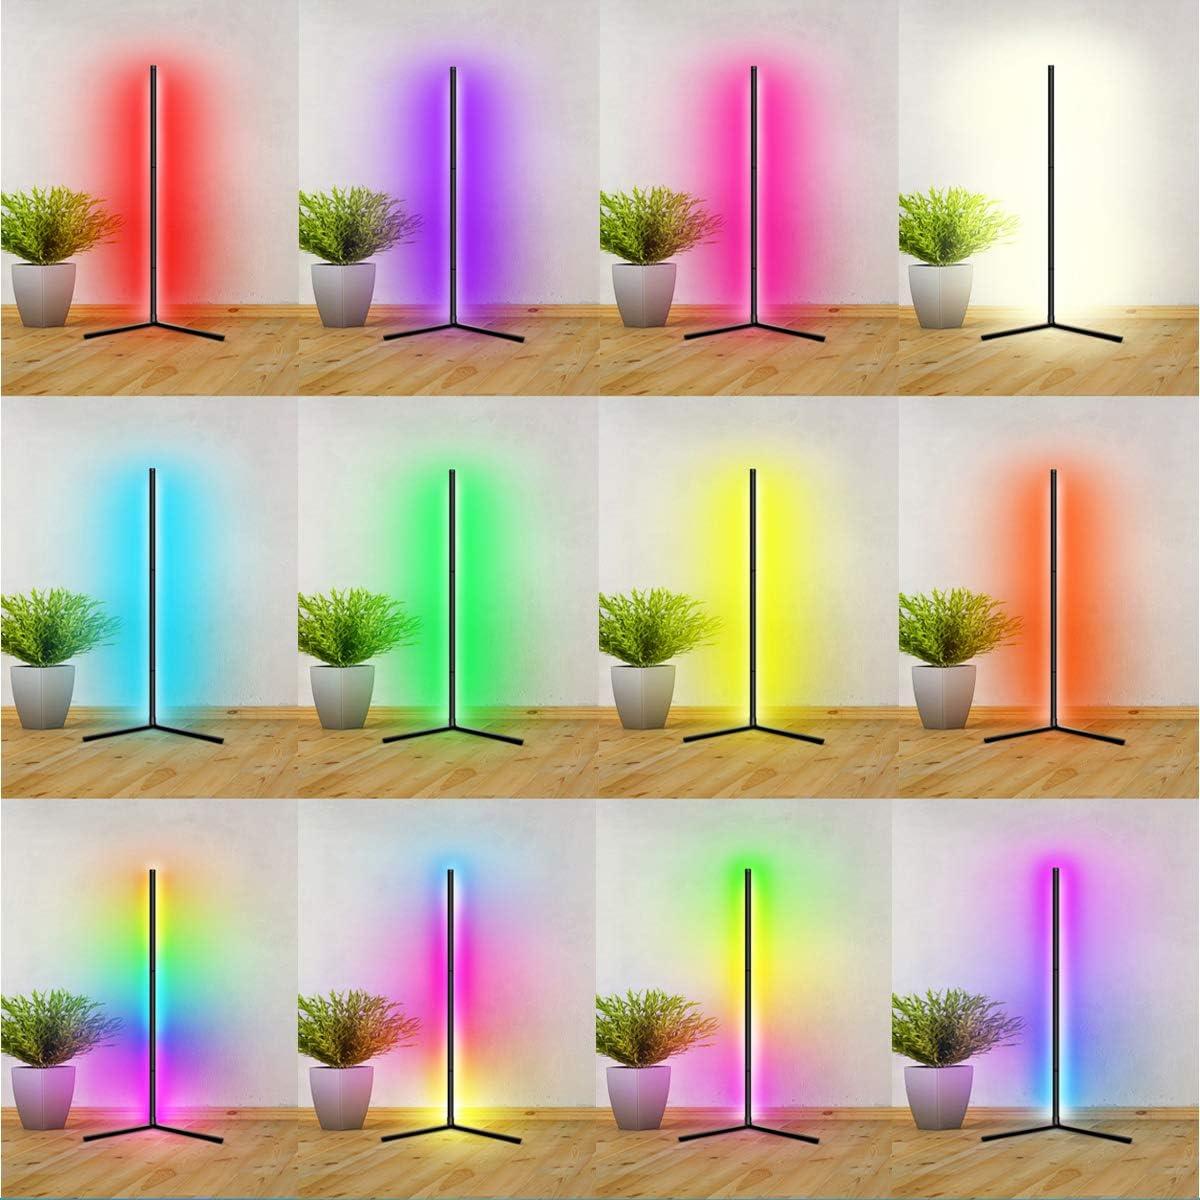 QJUZO RGB Lampara de pie LED Regulable Luz de Pie Salon con Control Remoto y Control App 16 Millones Colores DIY Sincronizaci/ón de m/úsica Iluminacion Luz de Pie LED